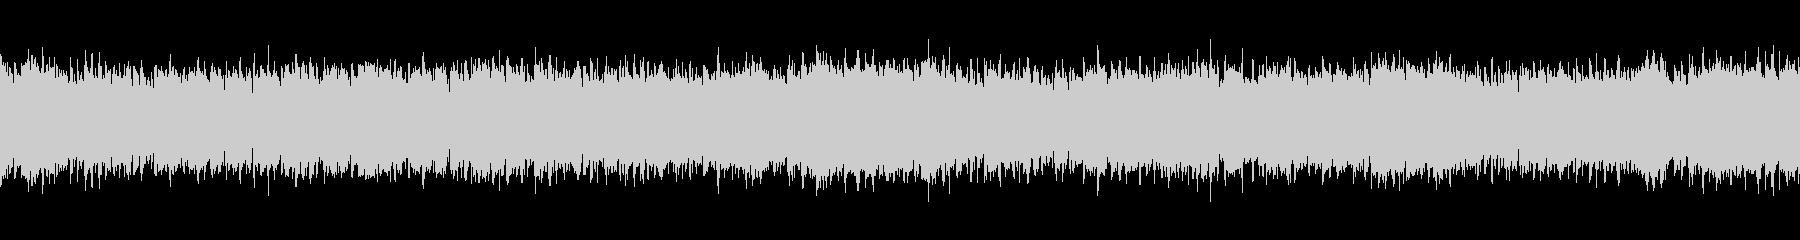 ほのぼの動画用BGM ループ HM007の未再生の波形